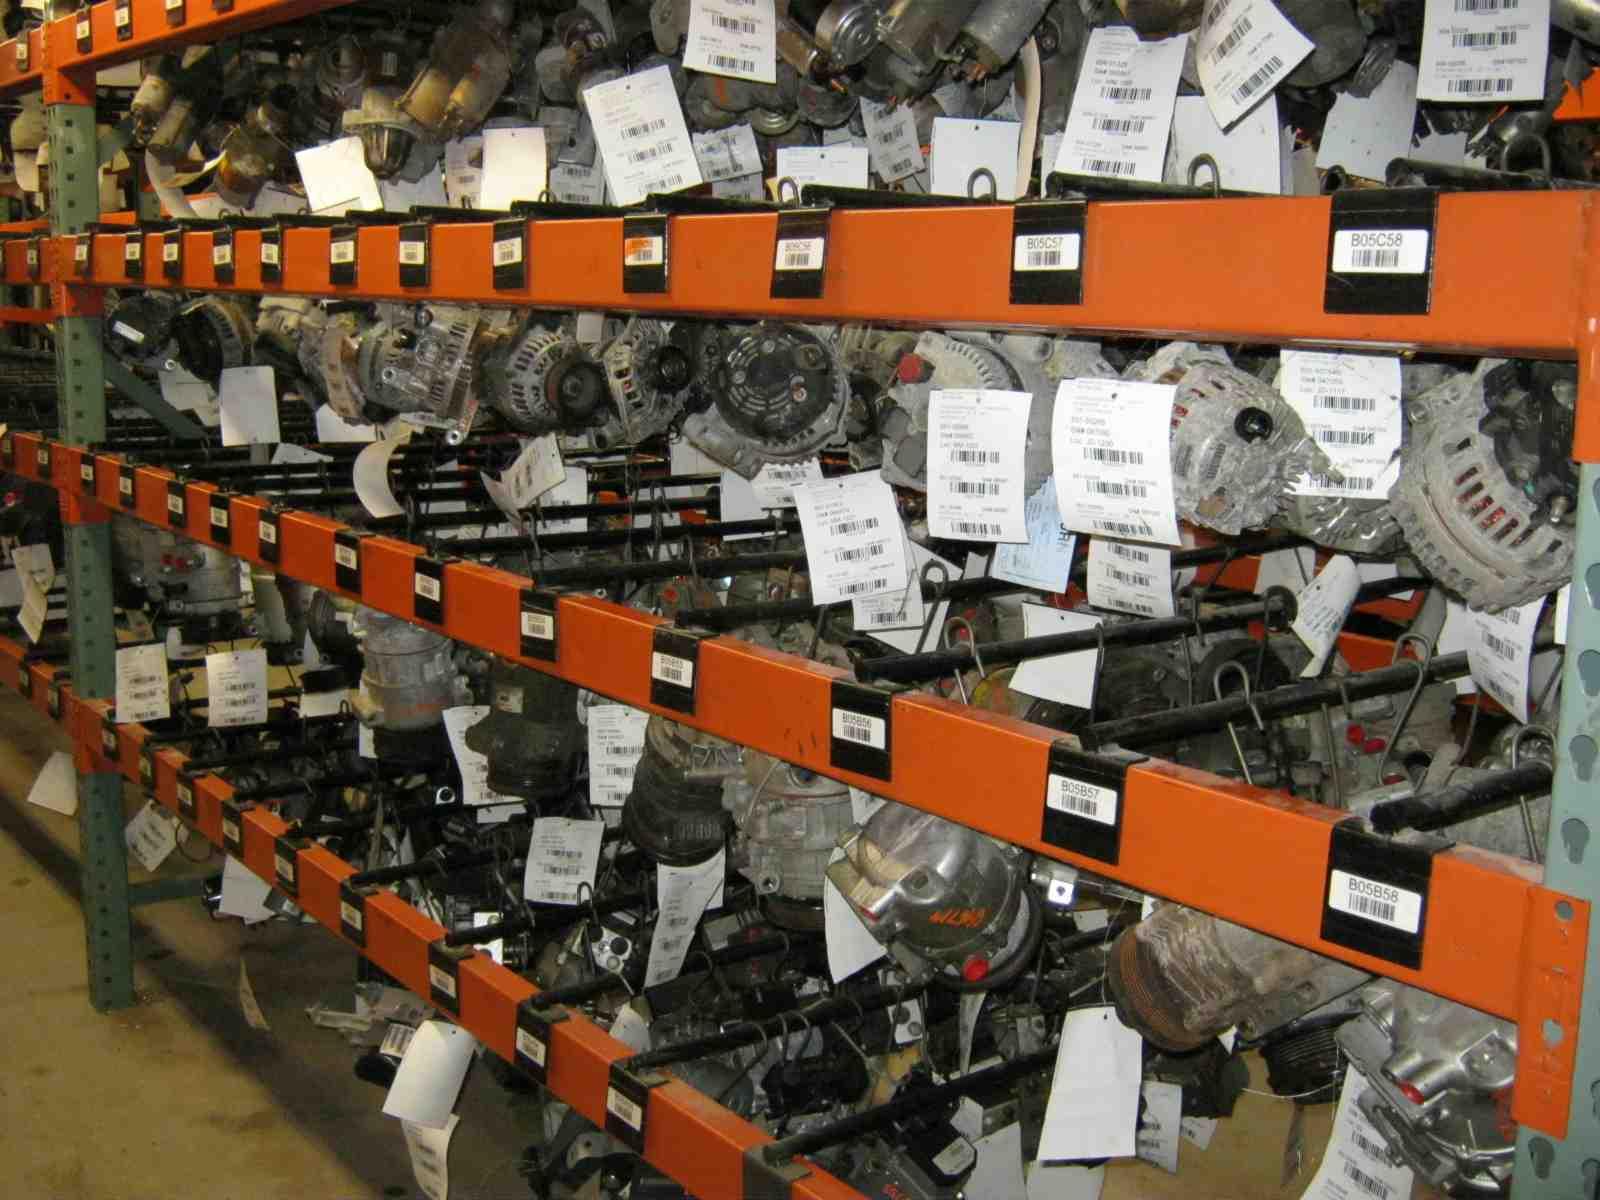 Bishops Auto Parts